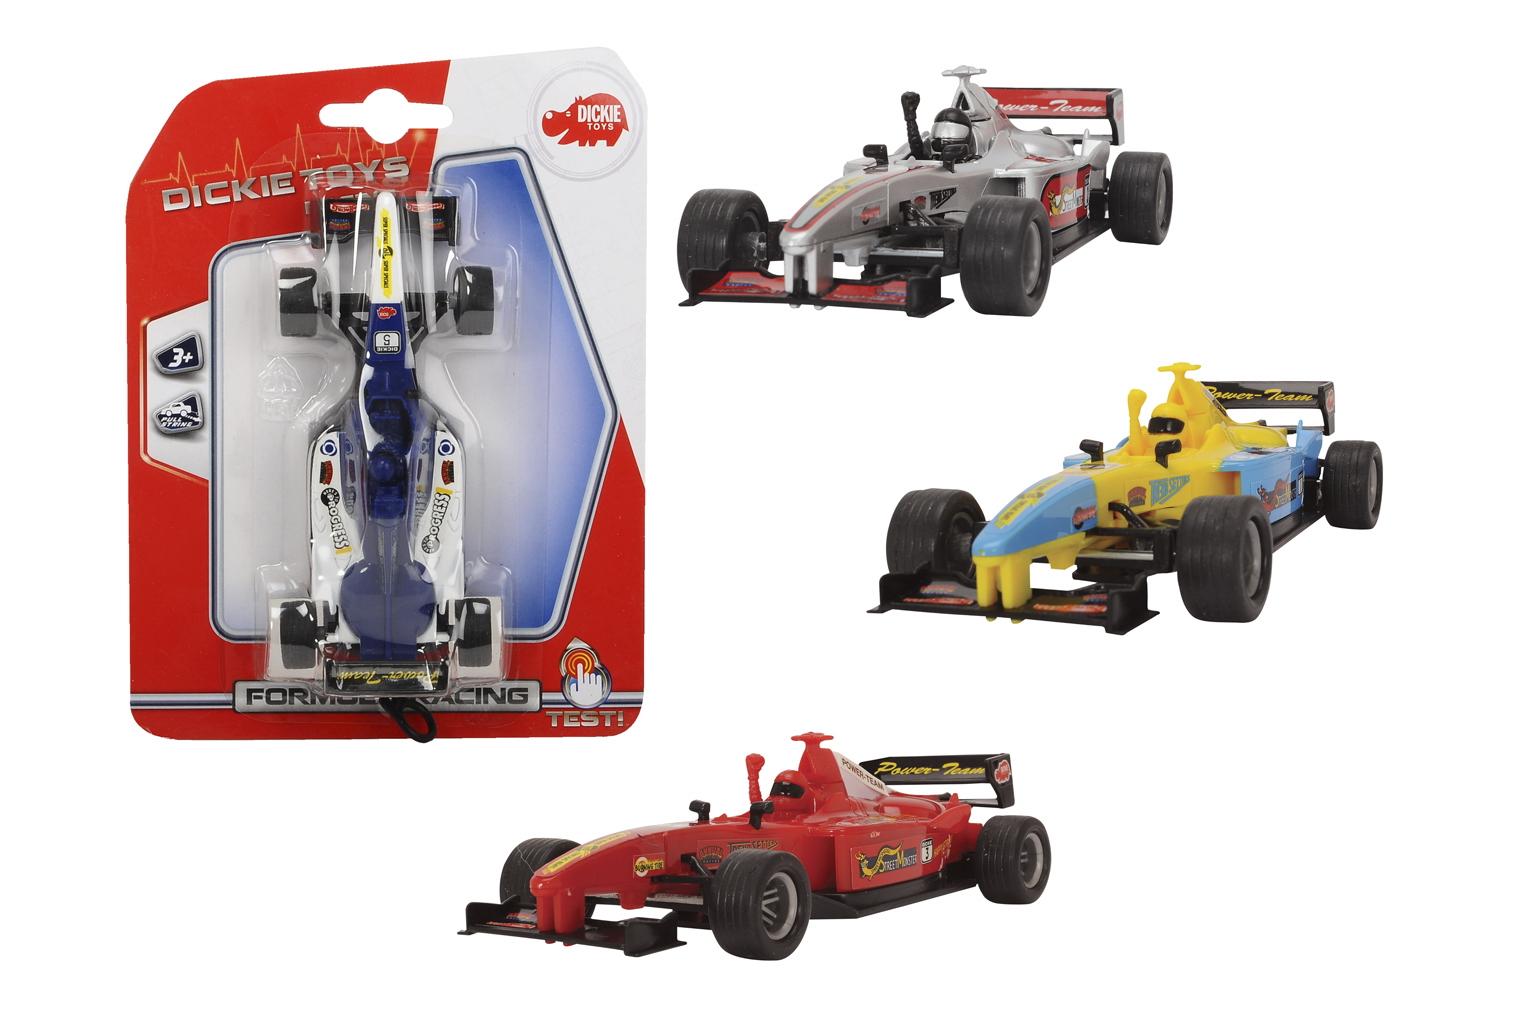 Машинка Формула 1, 14 см., 1:32, 4 видаГоночные машины<br>Машинка Формула 1, 14 см., 1:32, 4 вида<br>